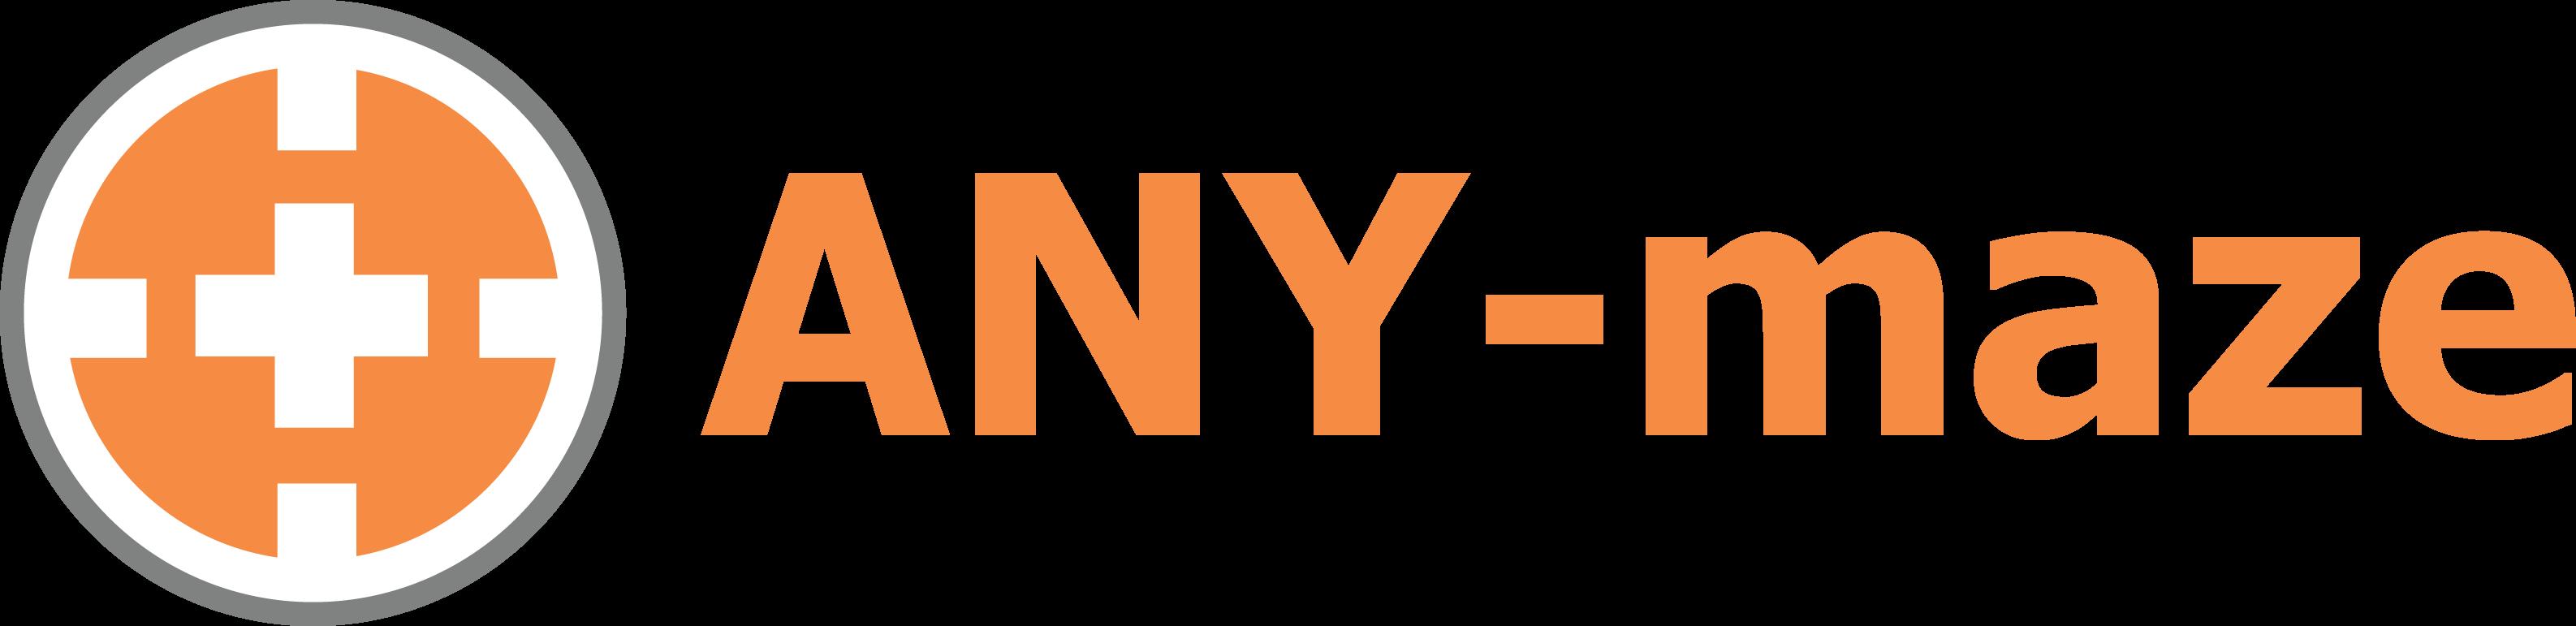 Any Maze logo